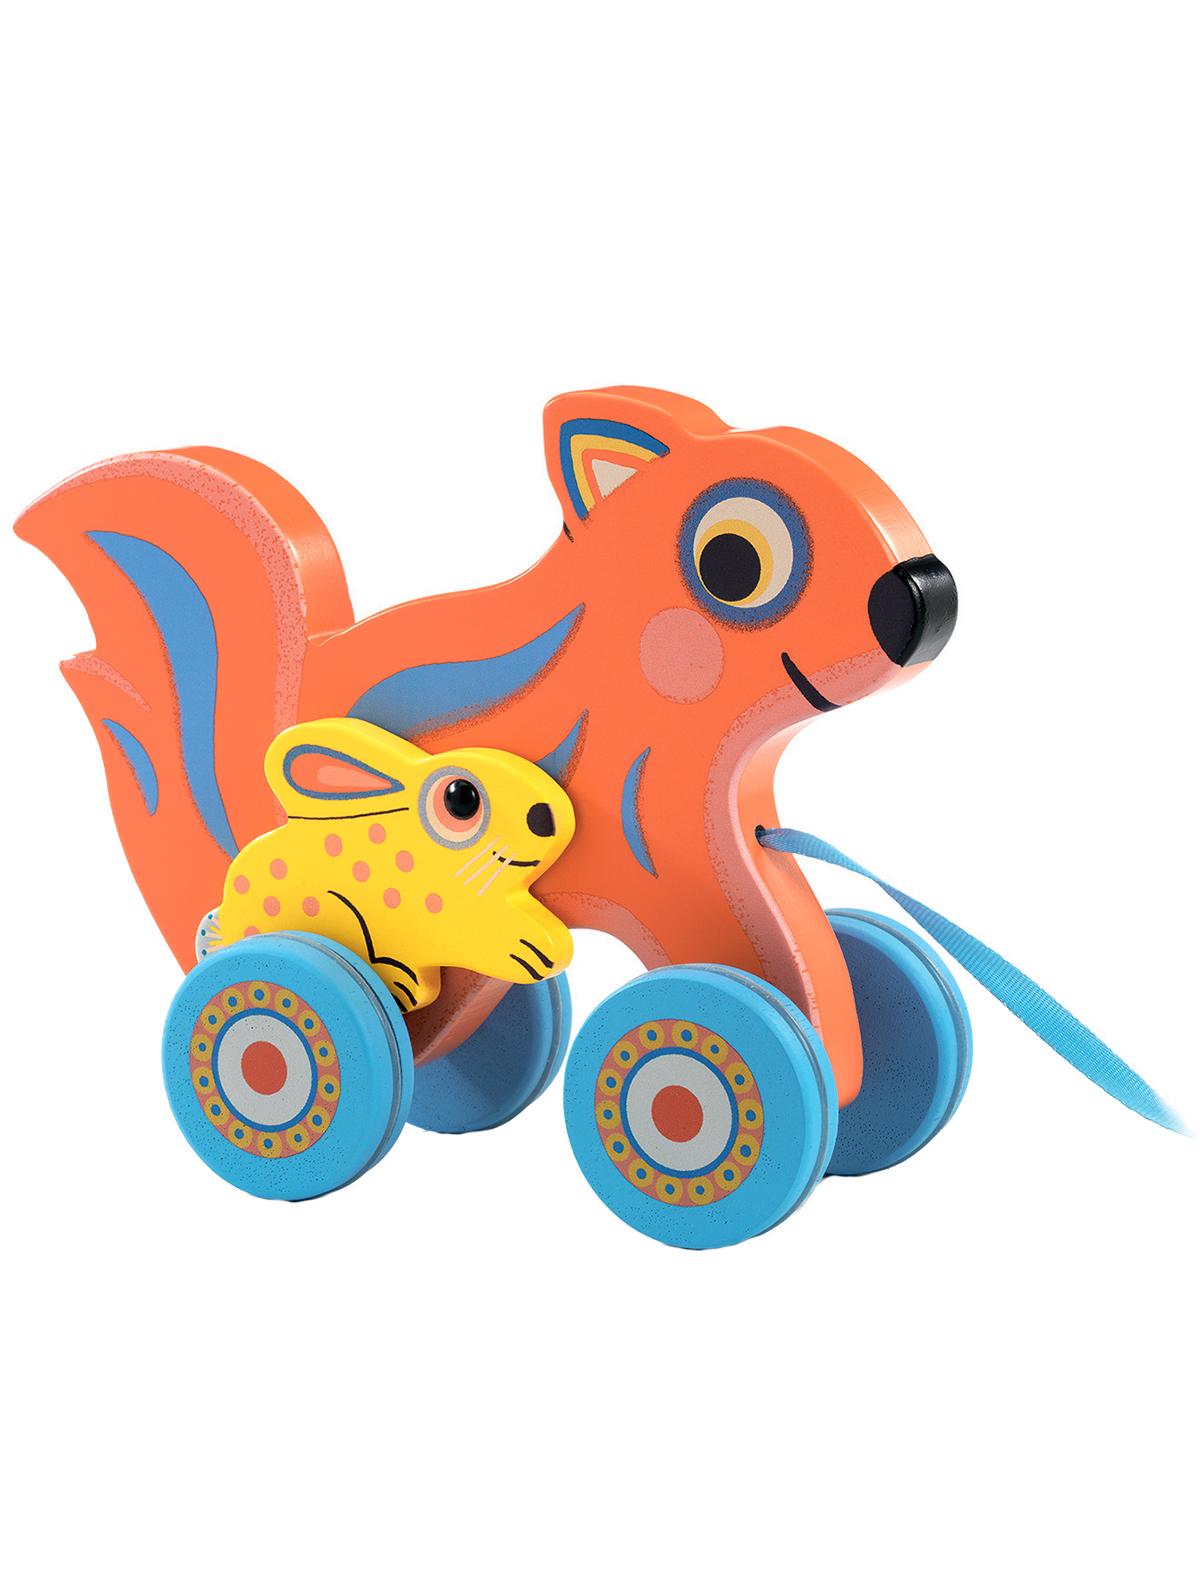 Купить 2165574, Игрушка Djeco, оранжевый, 7132429070098